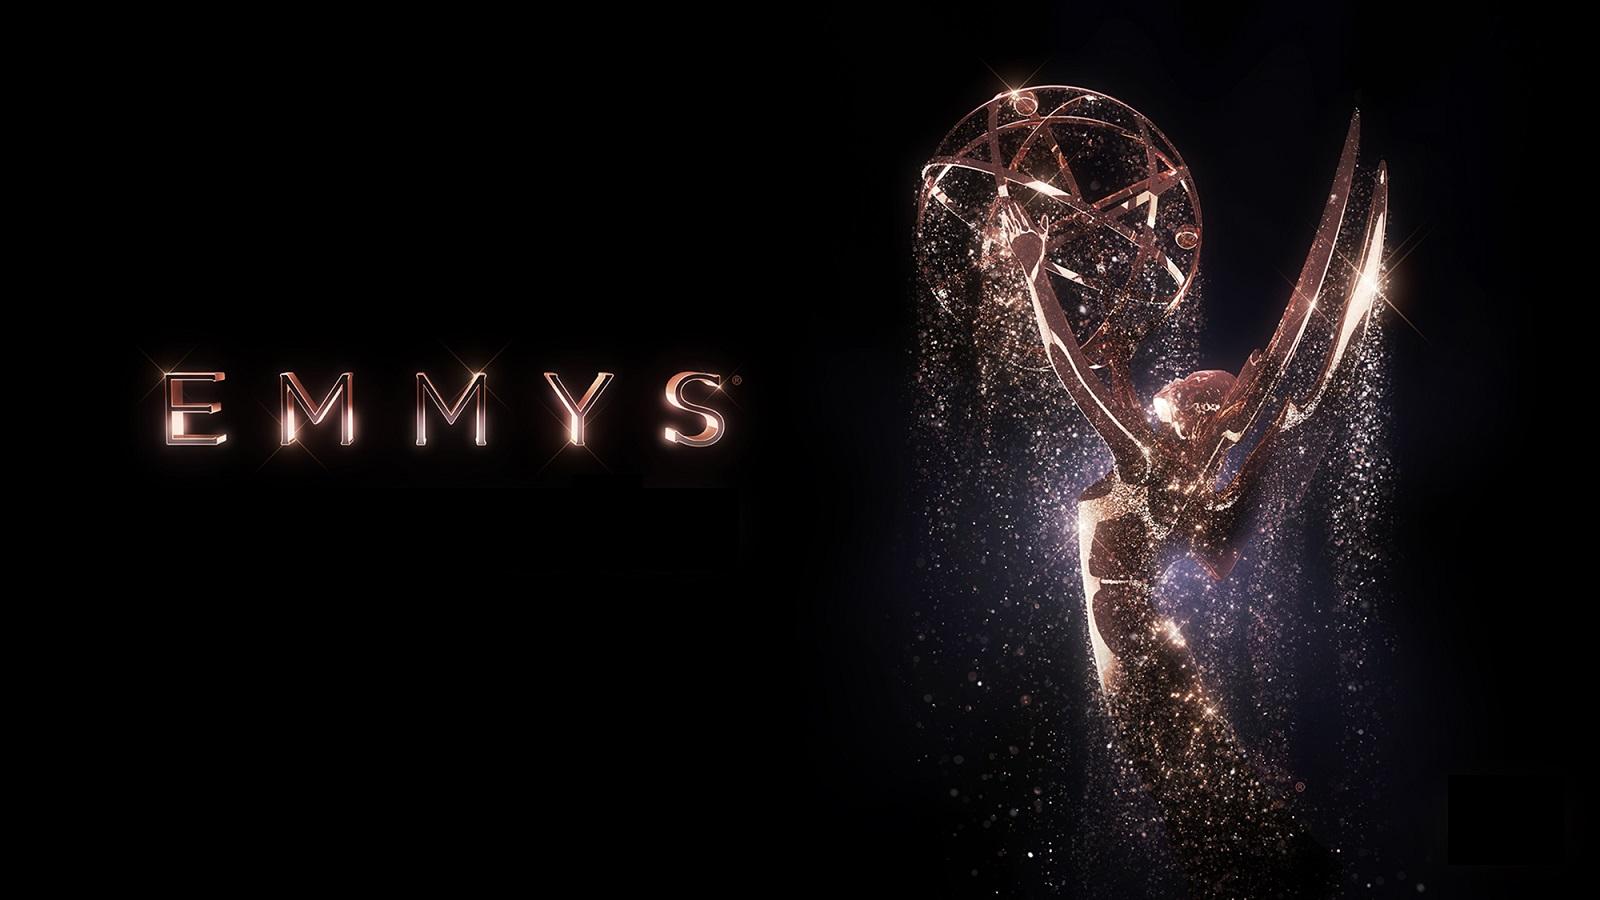 VÍDEO: 5 de las mejores series nominadas para el Emmy que podrías no haber visto